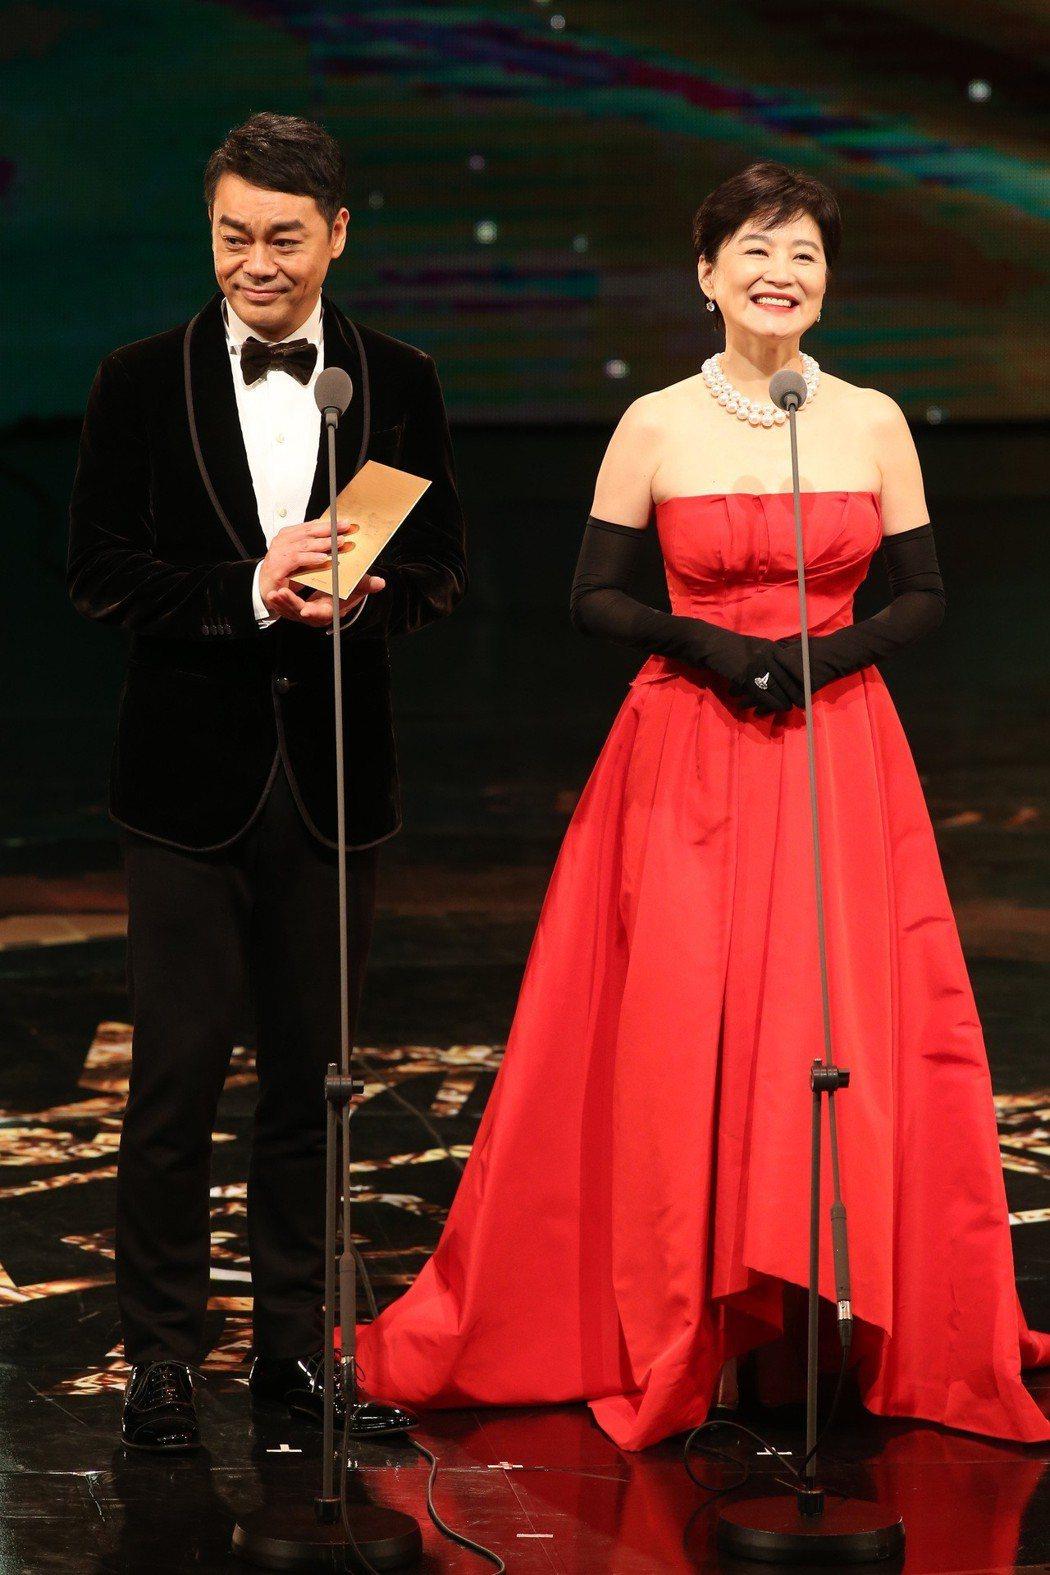 林青霞與劉青雲頒發金馬獎最佳影帝,彼此間的悄悄話曾引發爭議。圖/報系資料照片